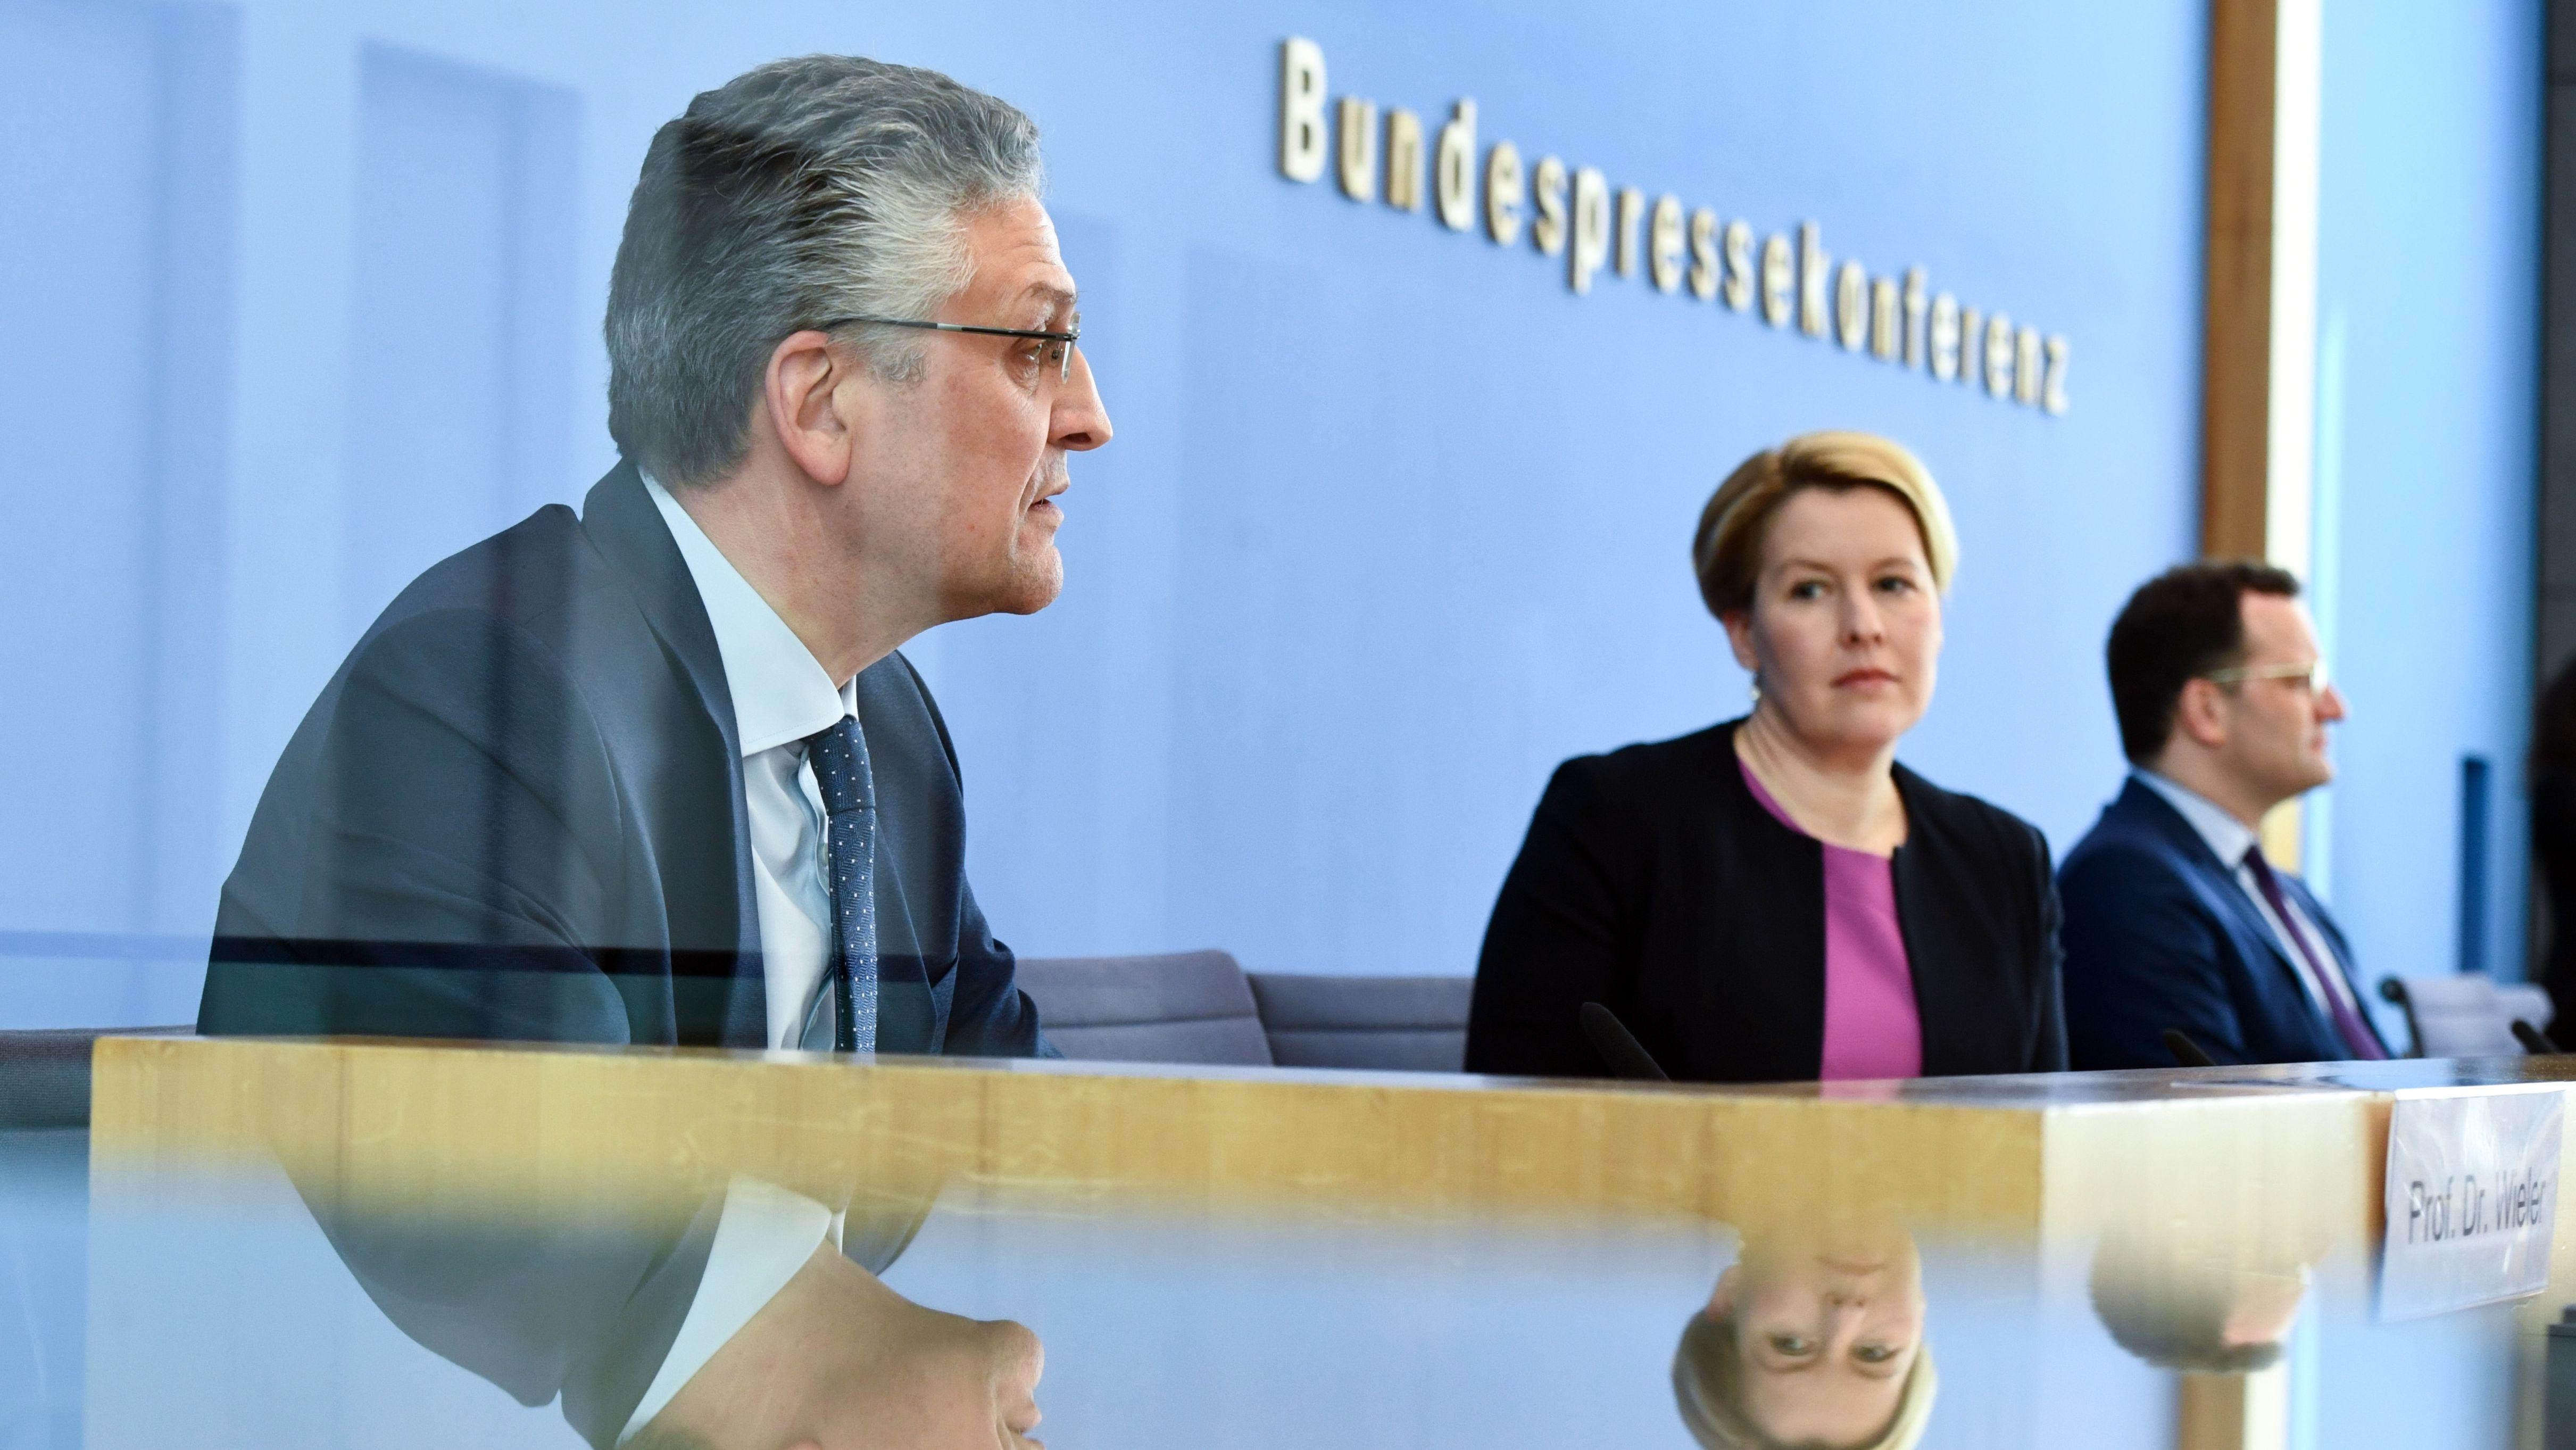 Gesundheitsminister Jens Spahn (CDU, re.), Familienministerin Franziska Giffey (SPD) und RKI-Präsident Lothar Wieler